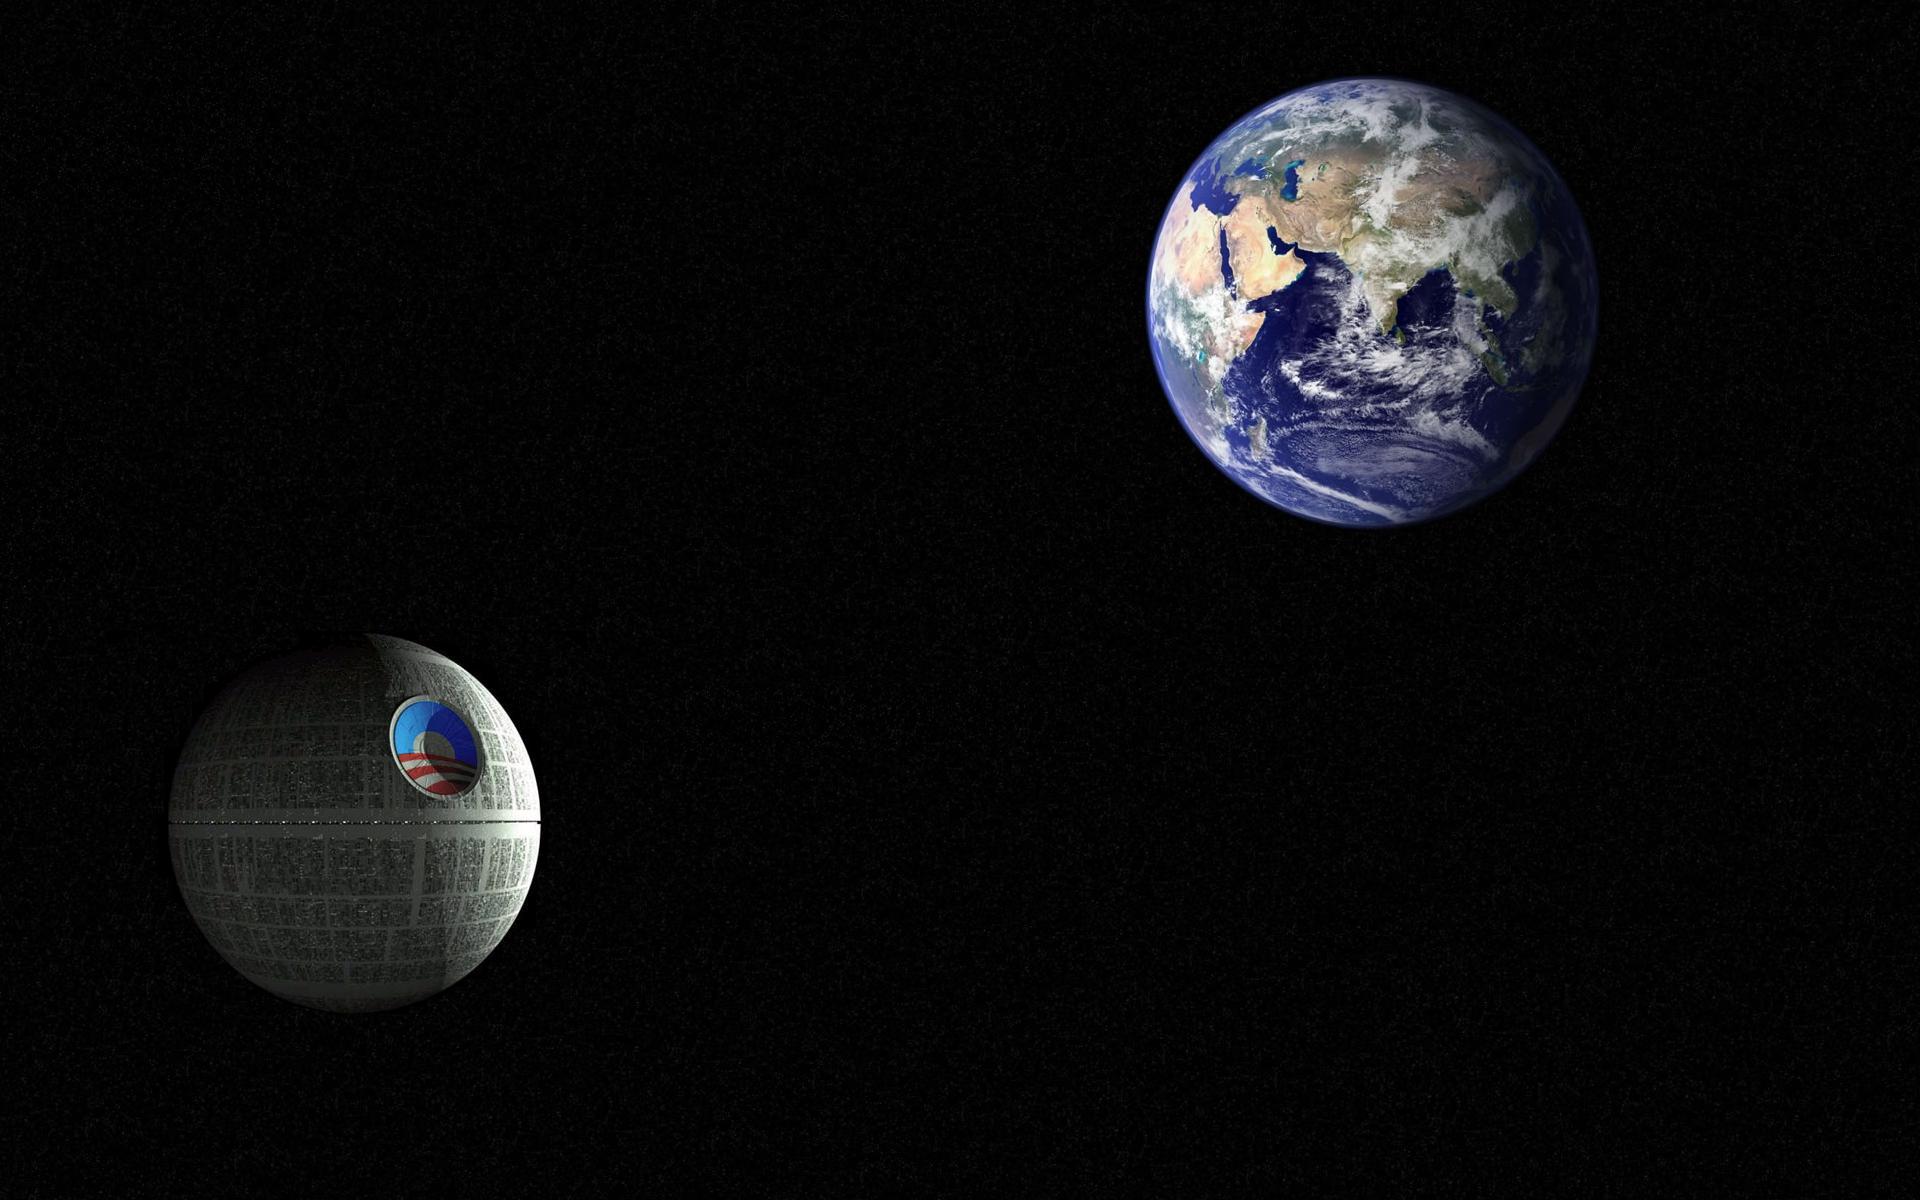 Star Wars Death Star Hd Wallpaper